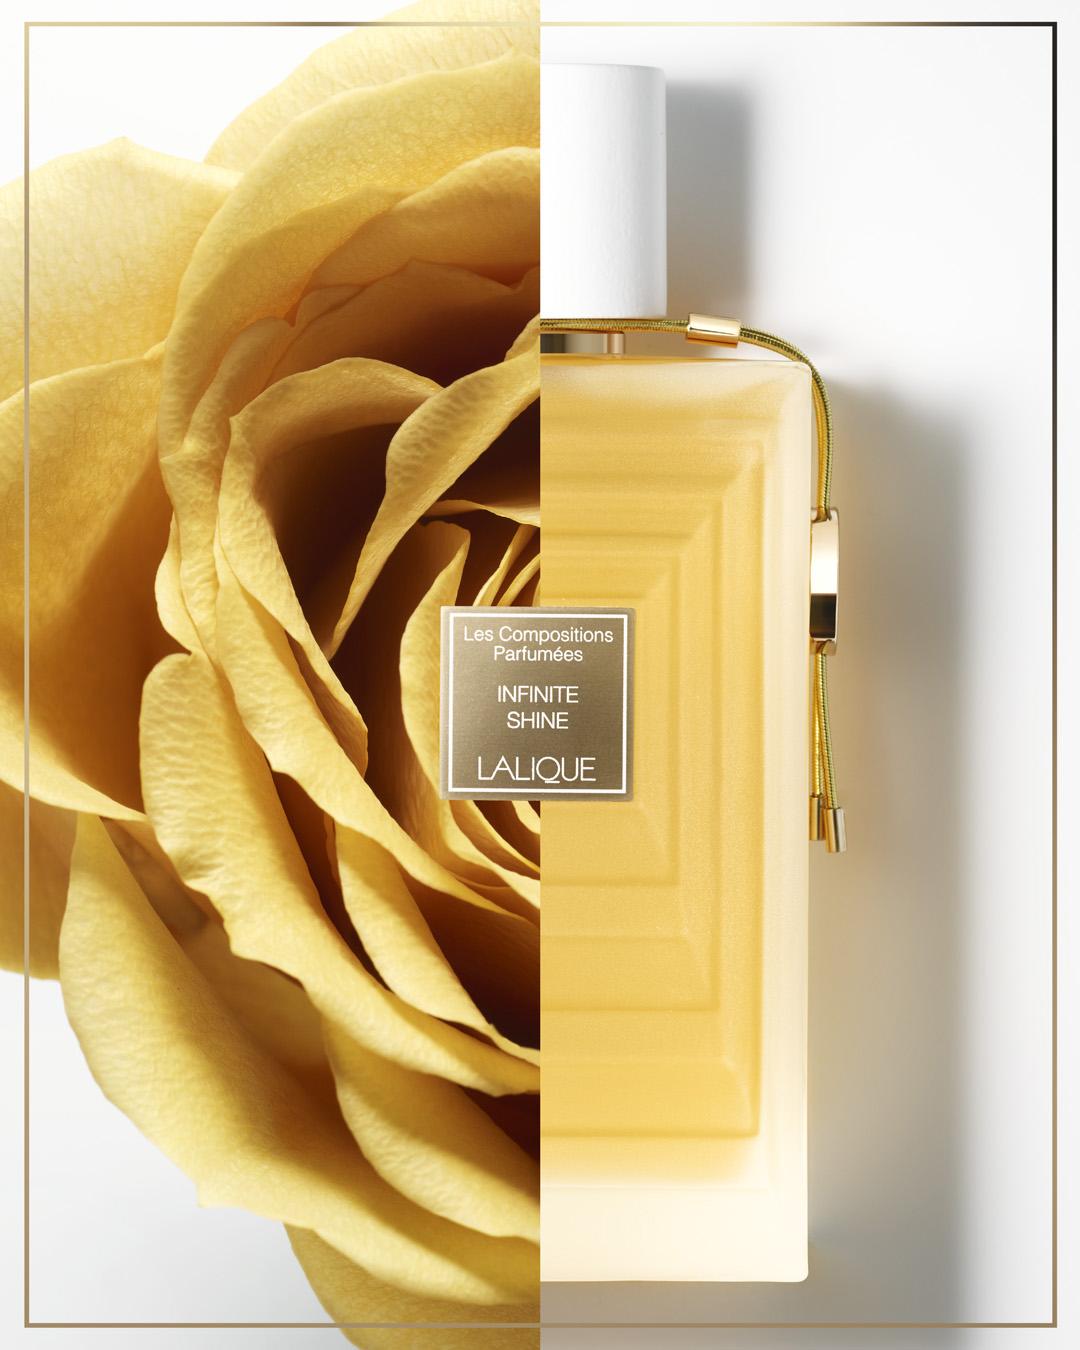 Lalique-Les-Compositions-Parfumées-Infinite-Shine-Banner.jpg